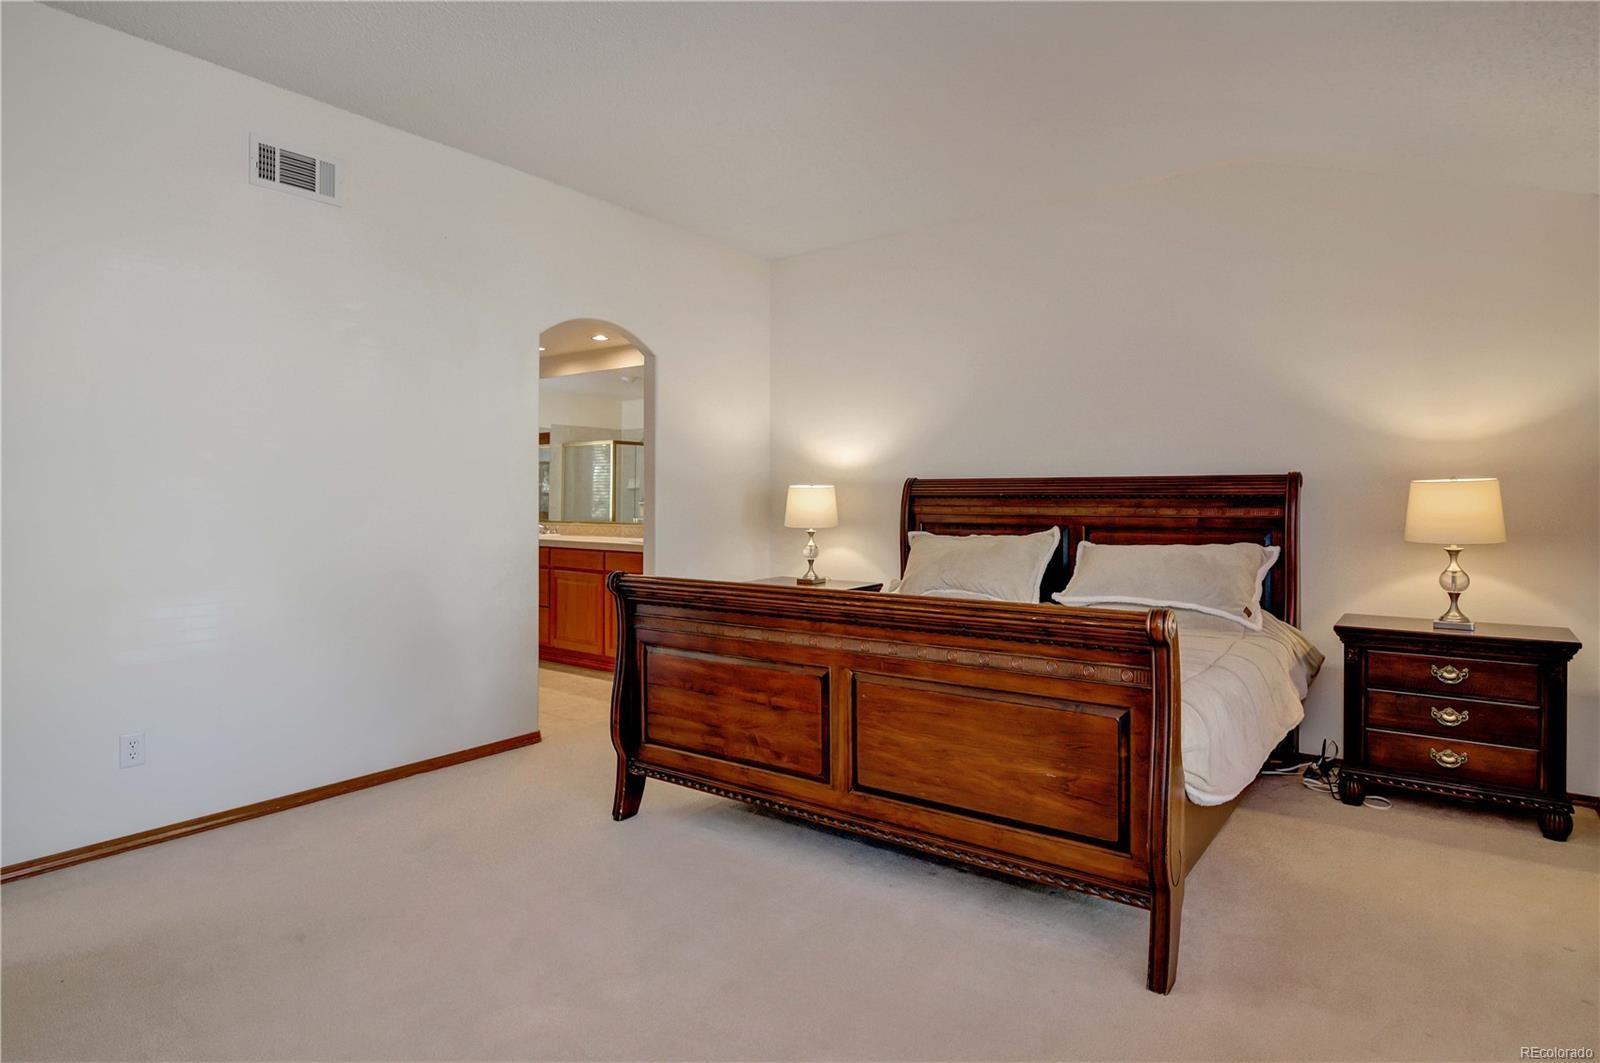 MLS# 5456451 - 17 - 15971 Woodmeadow Court, Colorado Springs, CO 80921